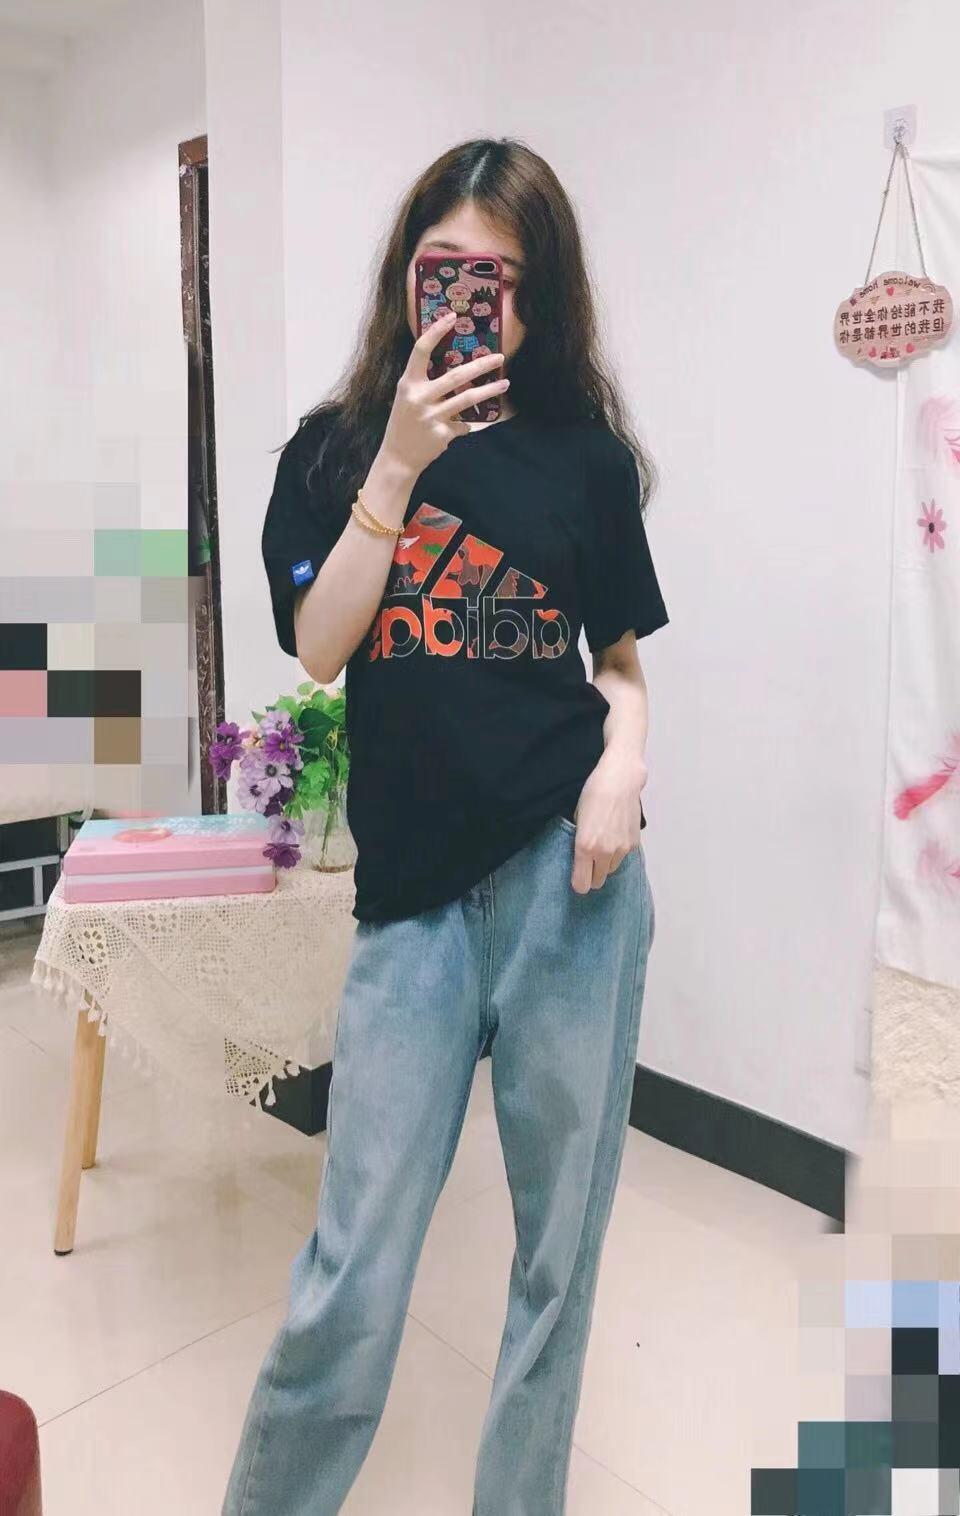 【三标齐全】大牌明星同款情侣纯棉T恤